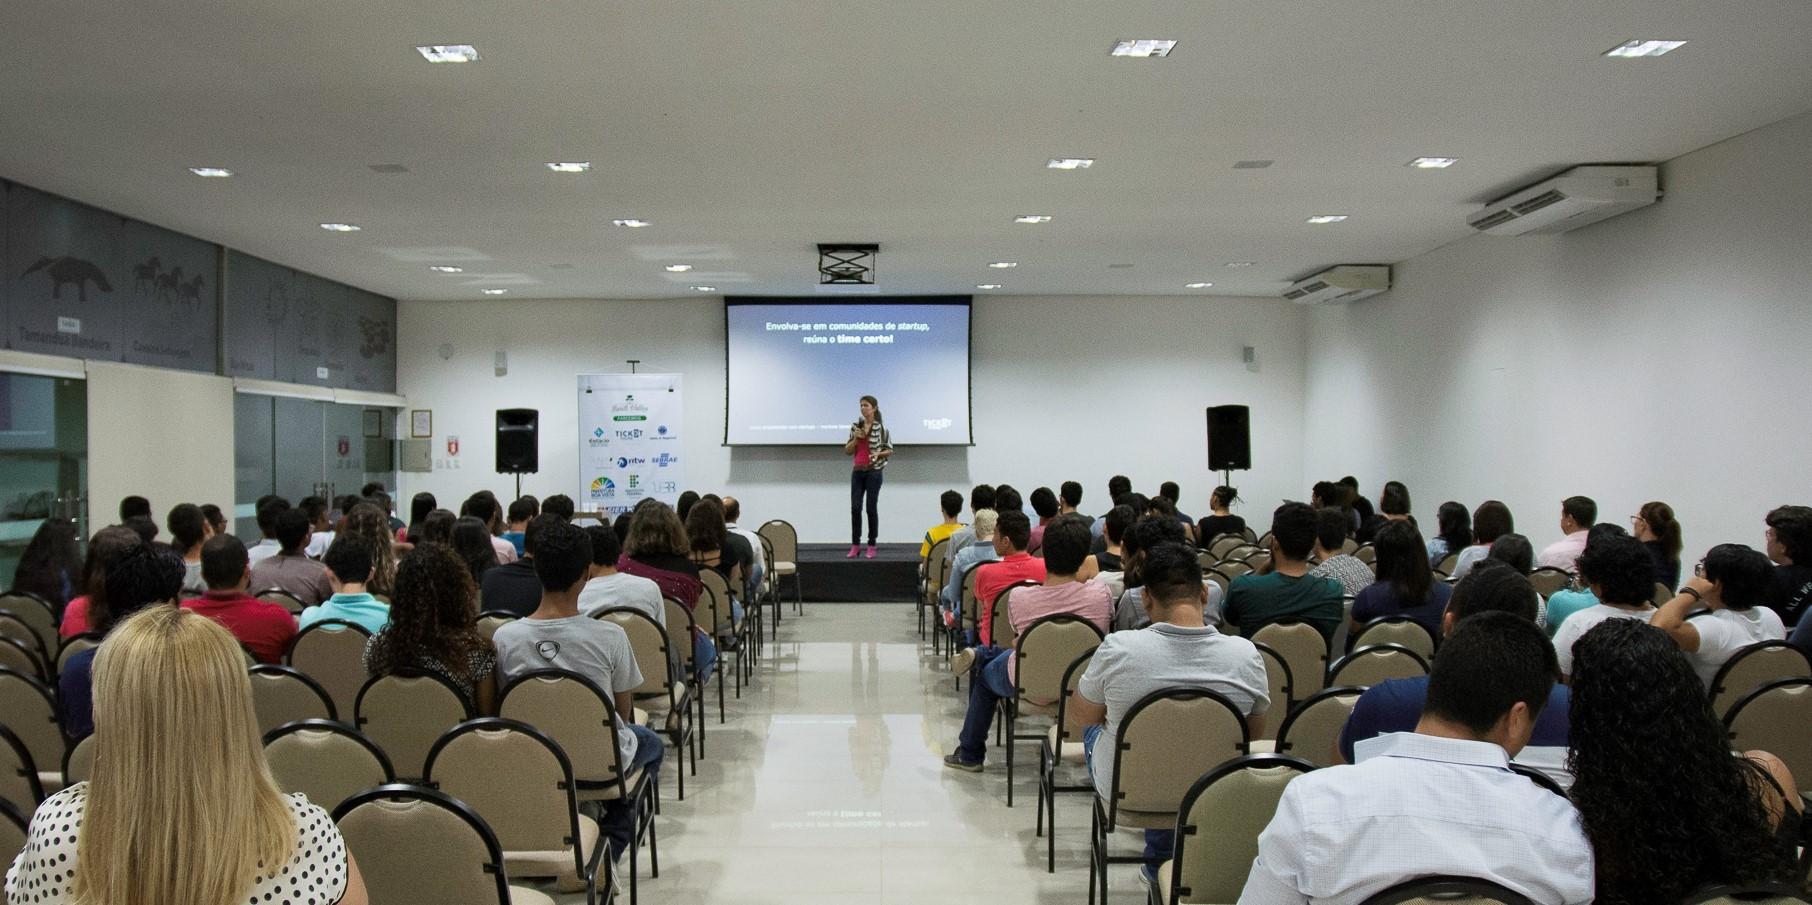 Sebrae-RR promove palestra gratuita sobre estratégias para o desenvolvimento do turismo - Notícias - Plantão Diário